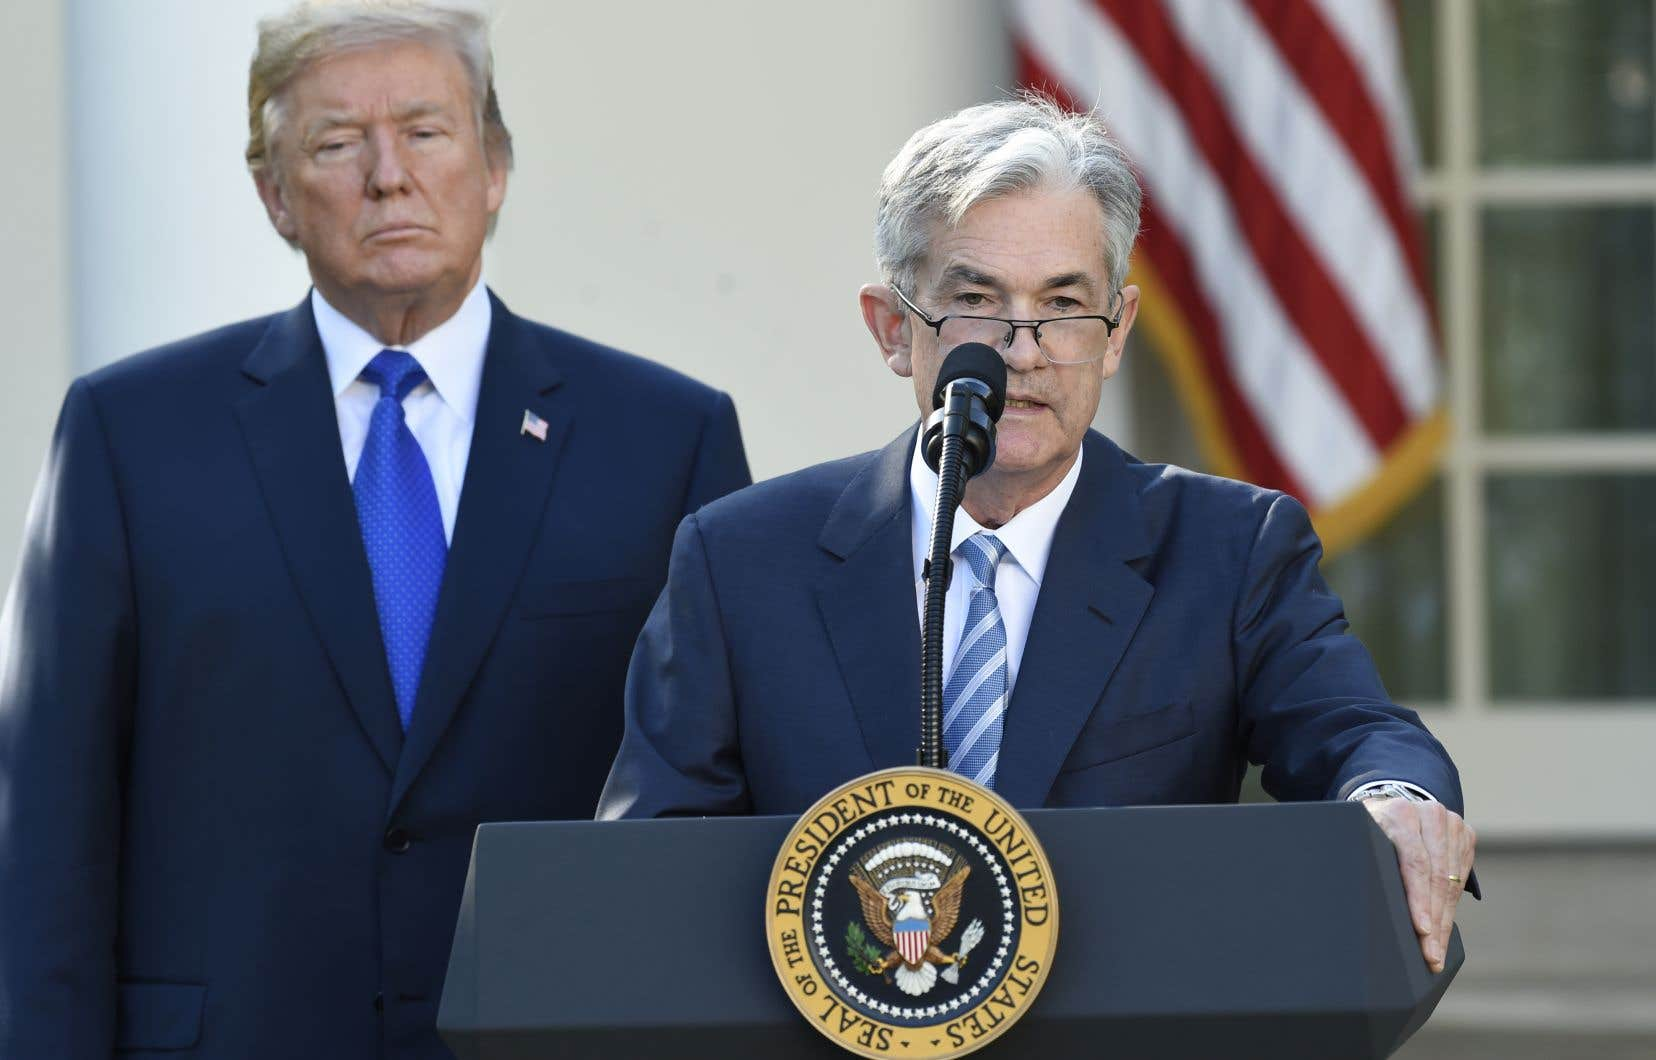 Le président Donald Trump a annoncé jeudi qu'il désignait Jerome Powell pour diriger la Fed.